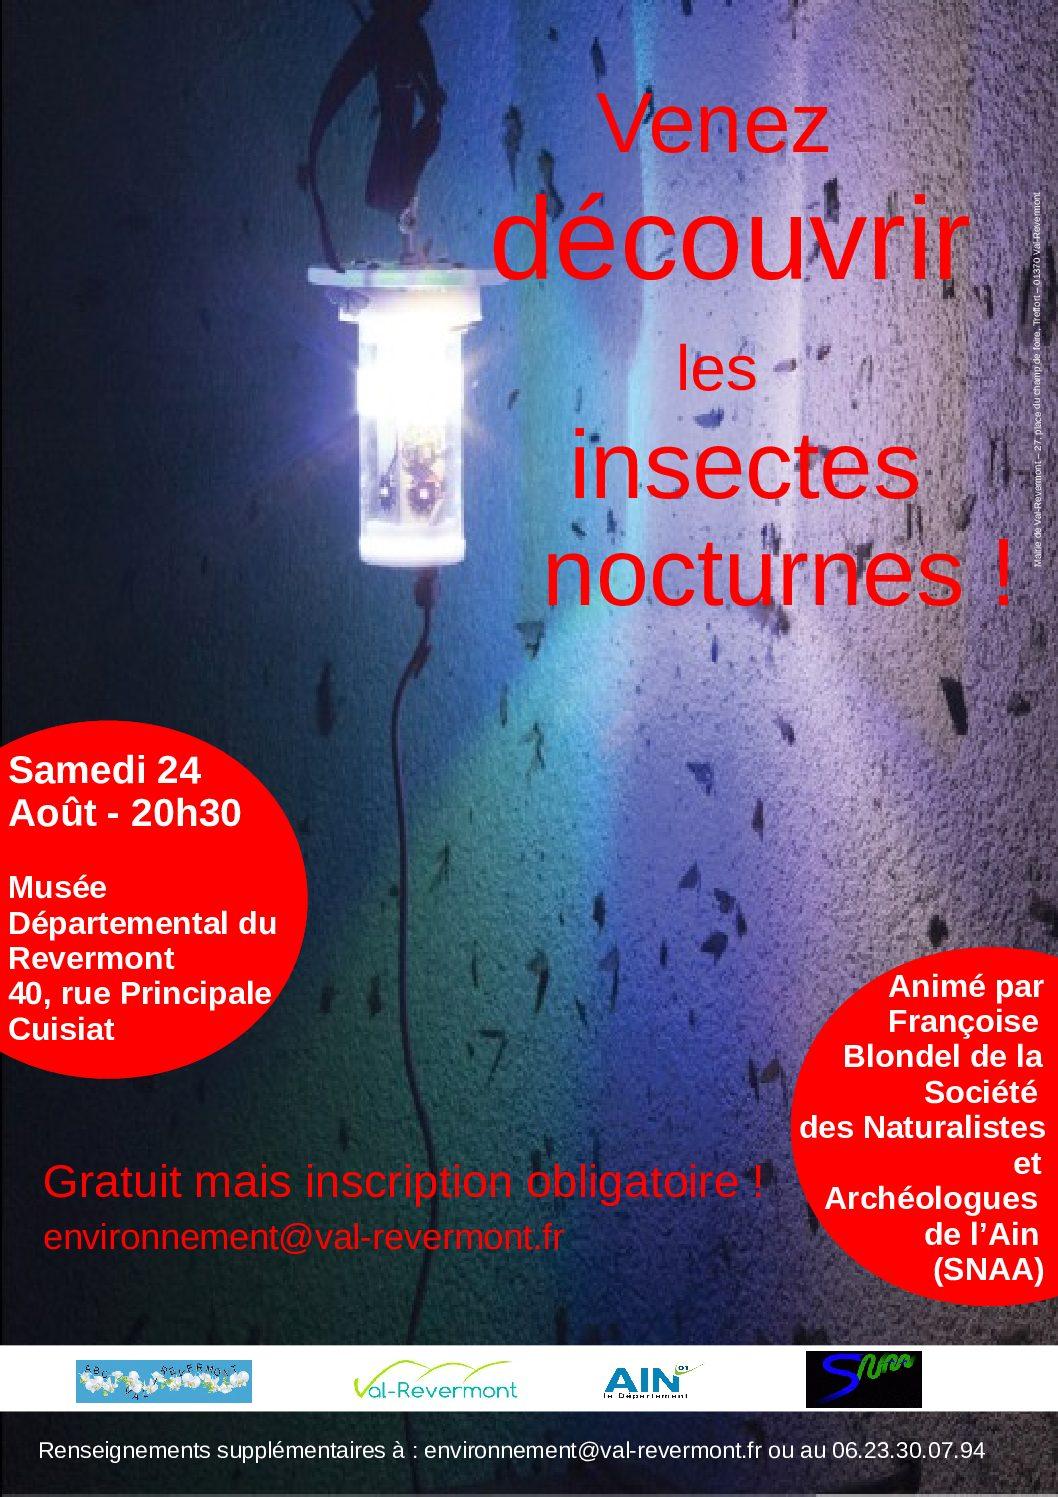 Découverte des insectes nocturnes